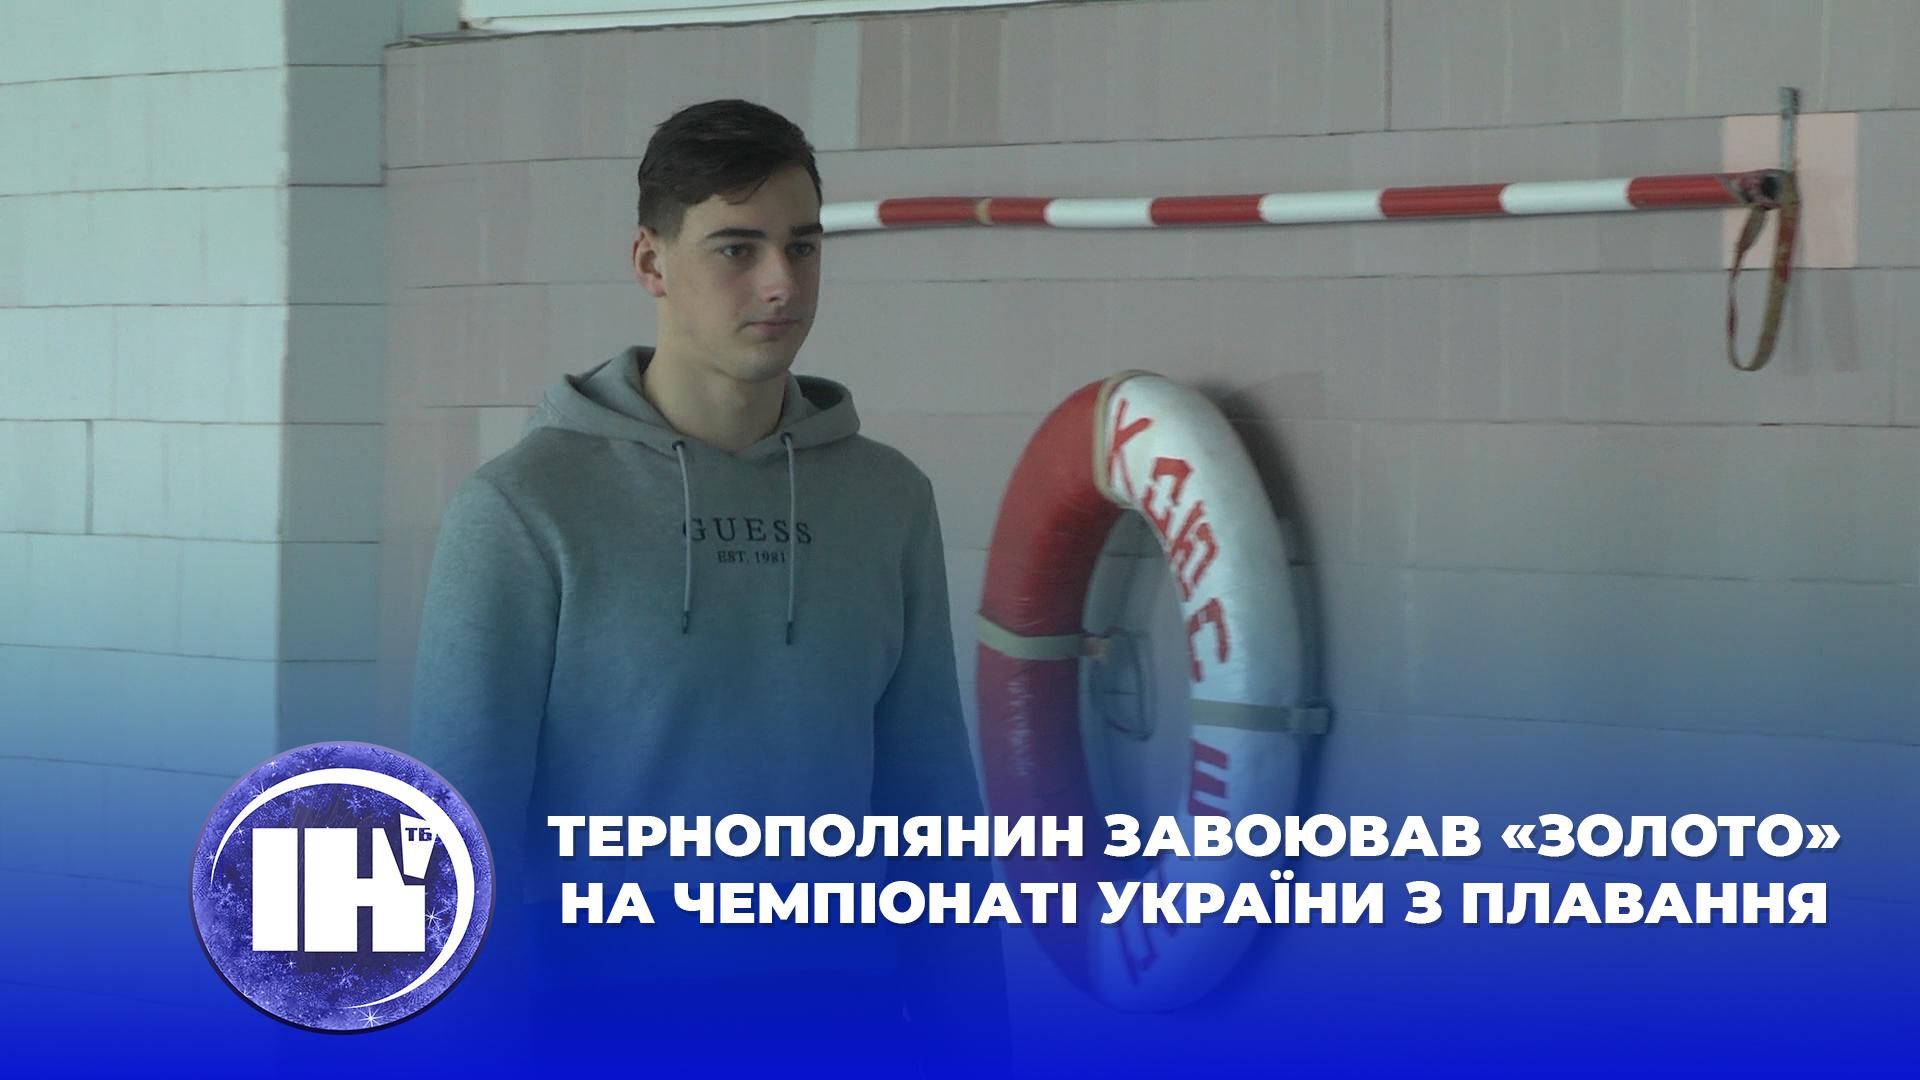 Тернополянин завоював «золото» на чемпіонаті України з плавання